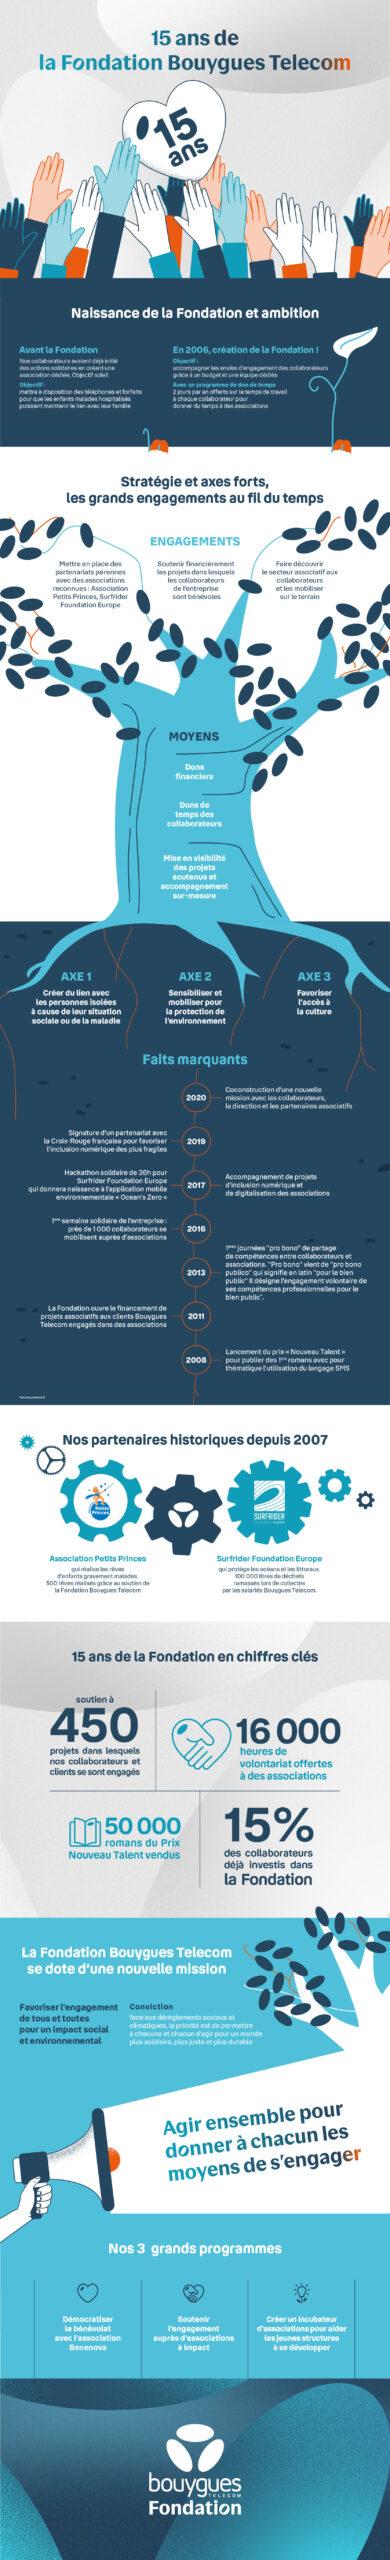 Infographie sur les 15 ans de La Fondation Bouygues Telecom - Juin 2021